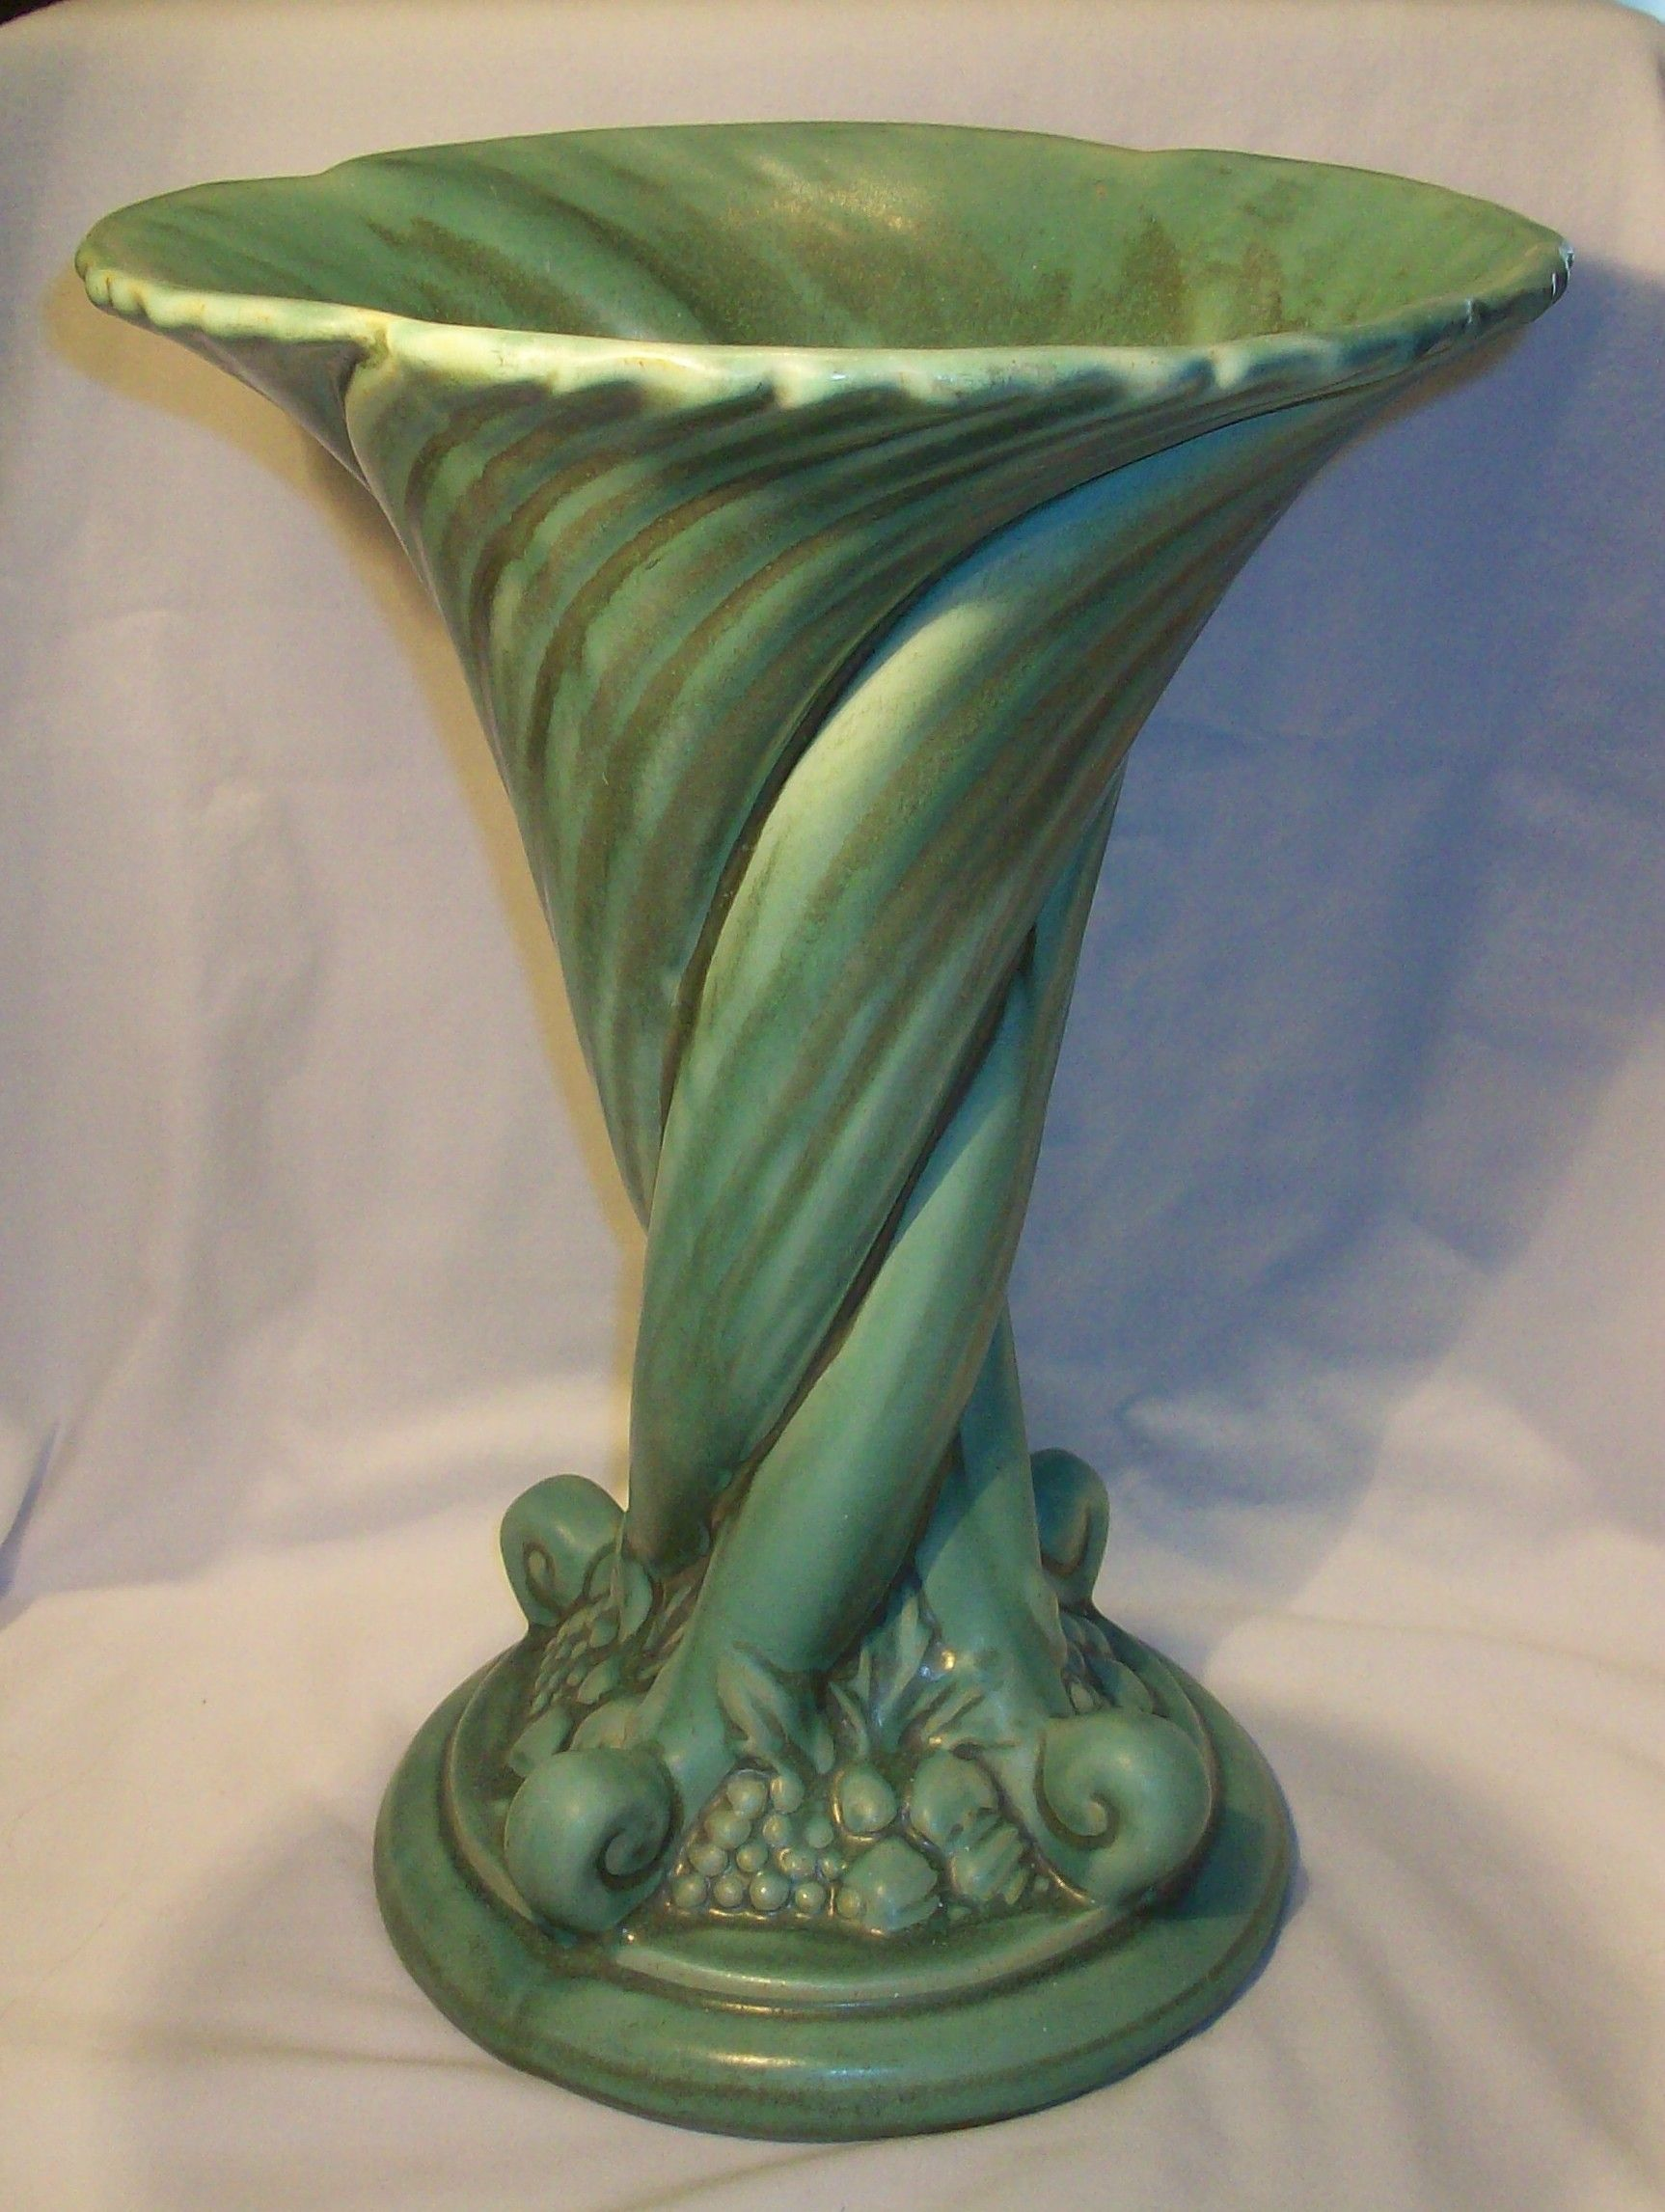 1930s camark pottery large cornucopia vase potterymark 1930s camark pottery large cornucopia vase reviewsmspy